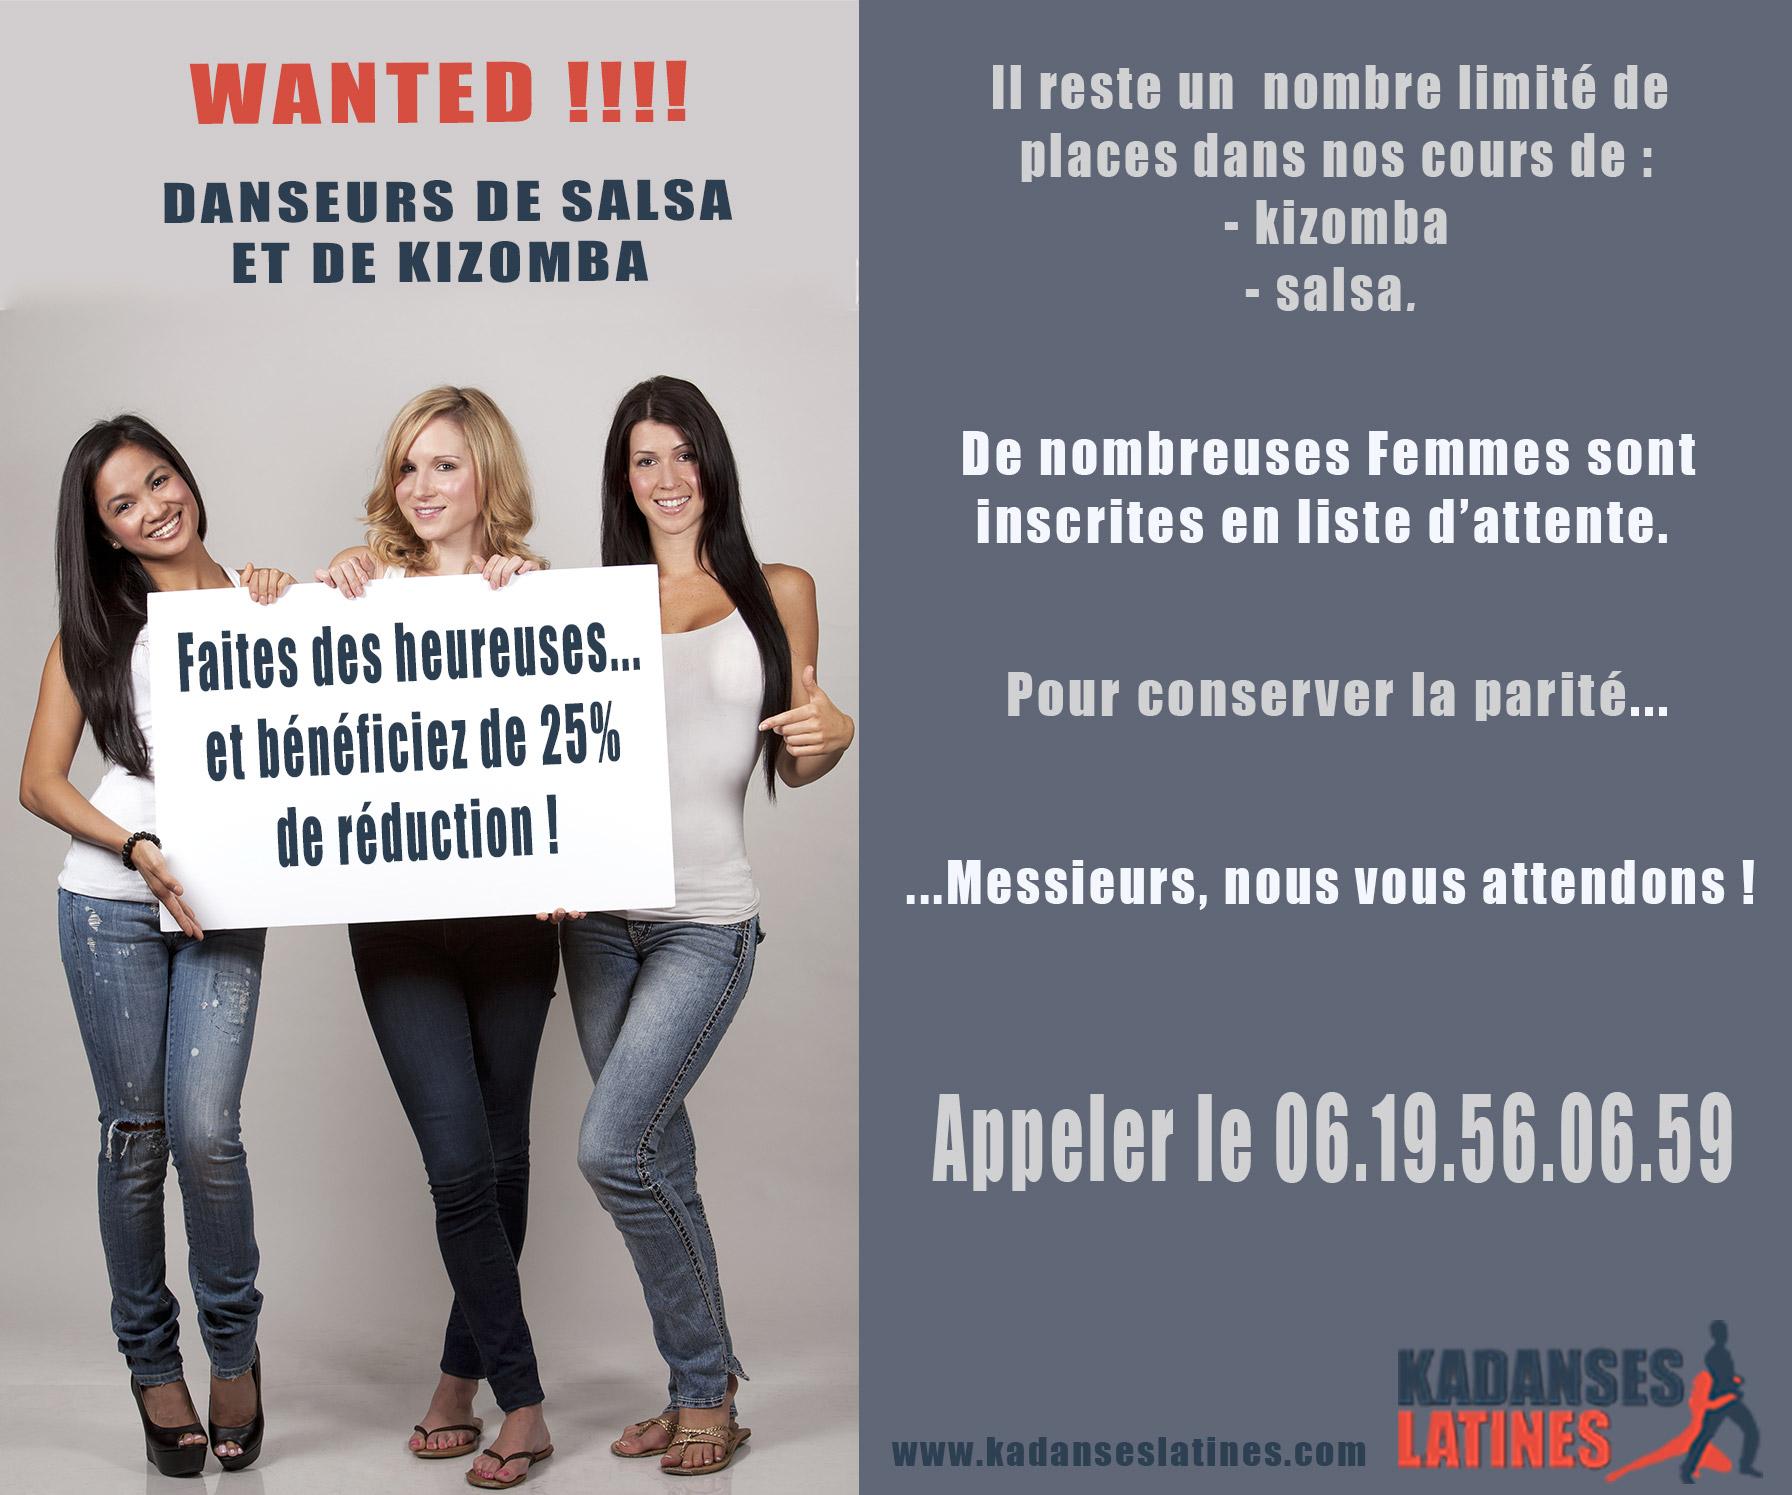 201410_Annonce-recherche-hommes_70